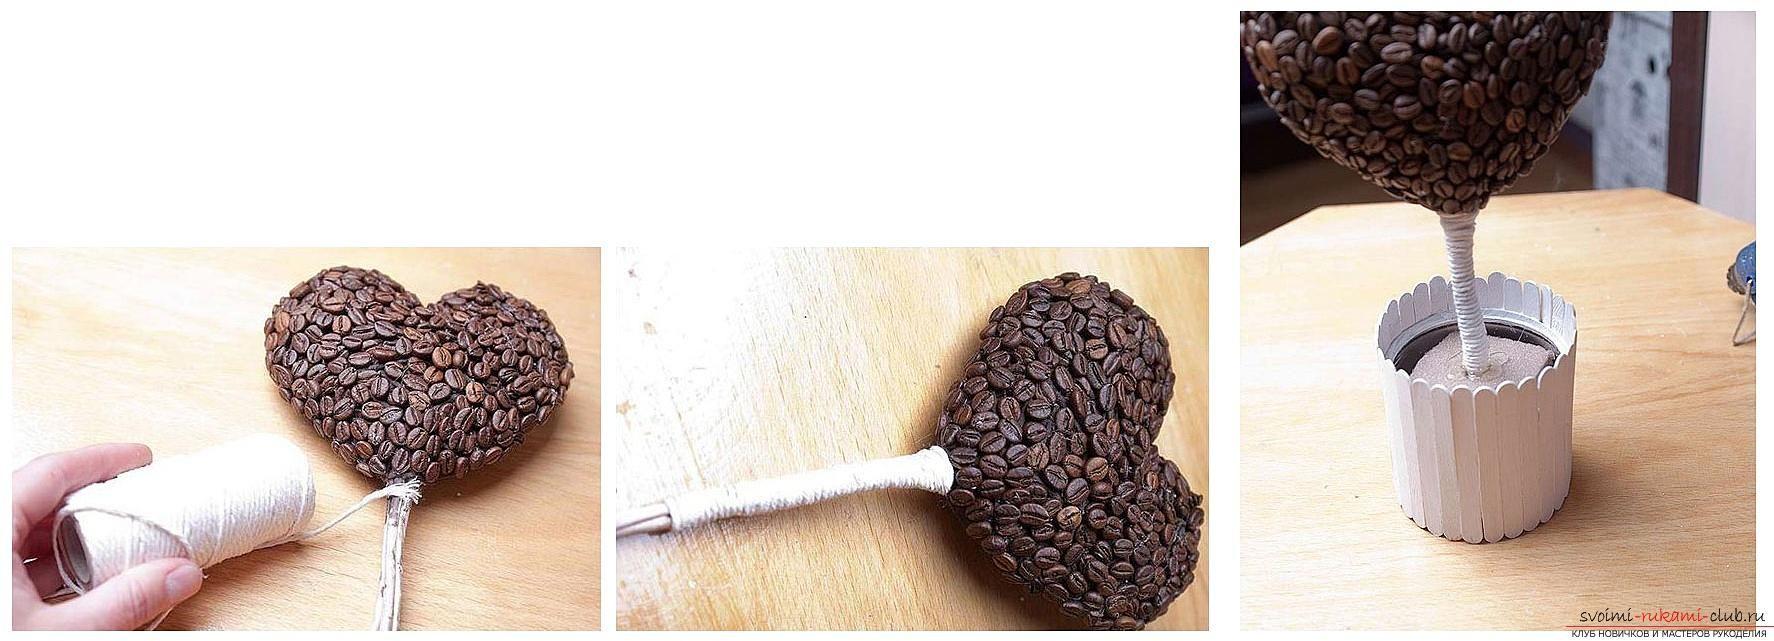 Как сделать топиарий (70 фото) - пошаговые инструкции для начинающих